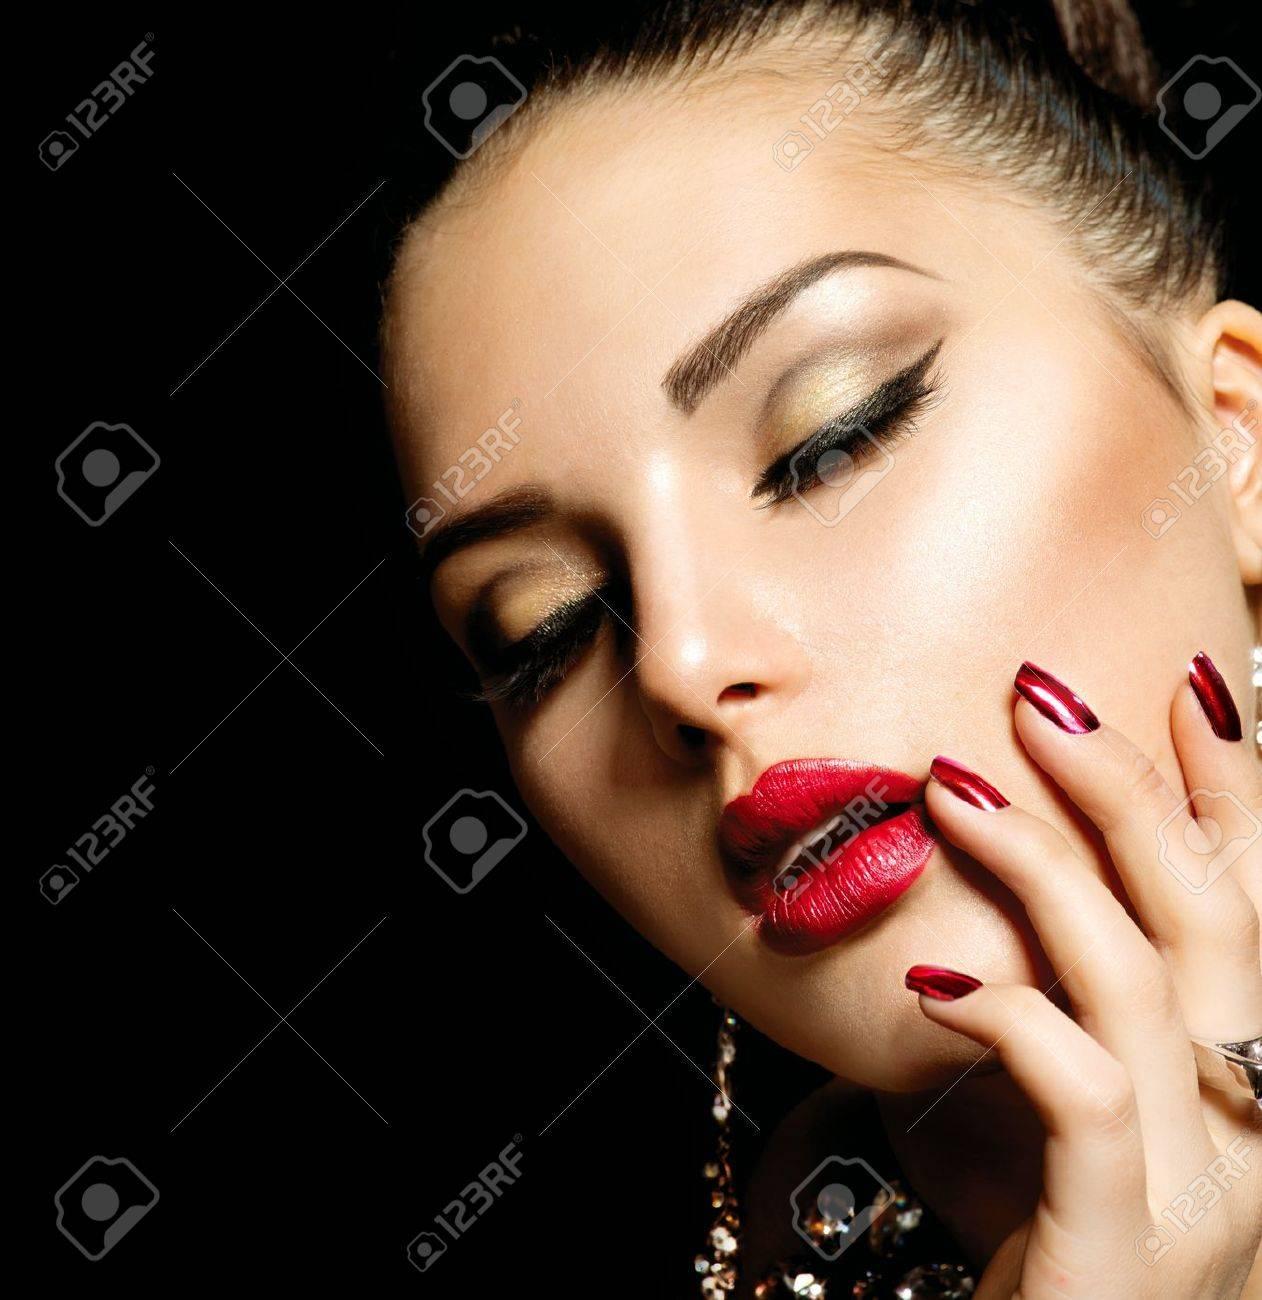 Fashion Beauty  Manicure and Make-up Stock Photo - 18320905